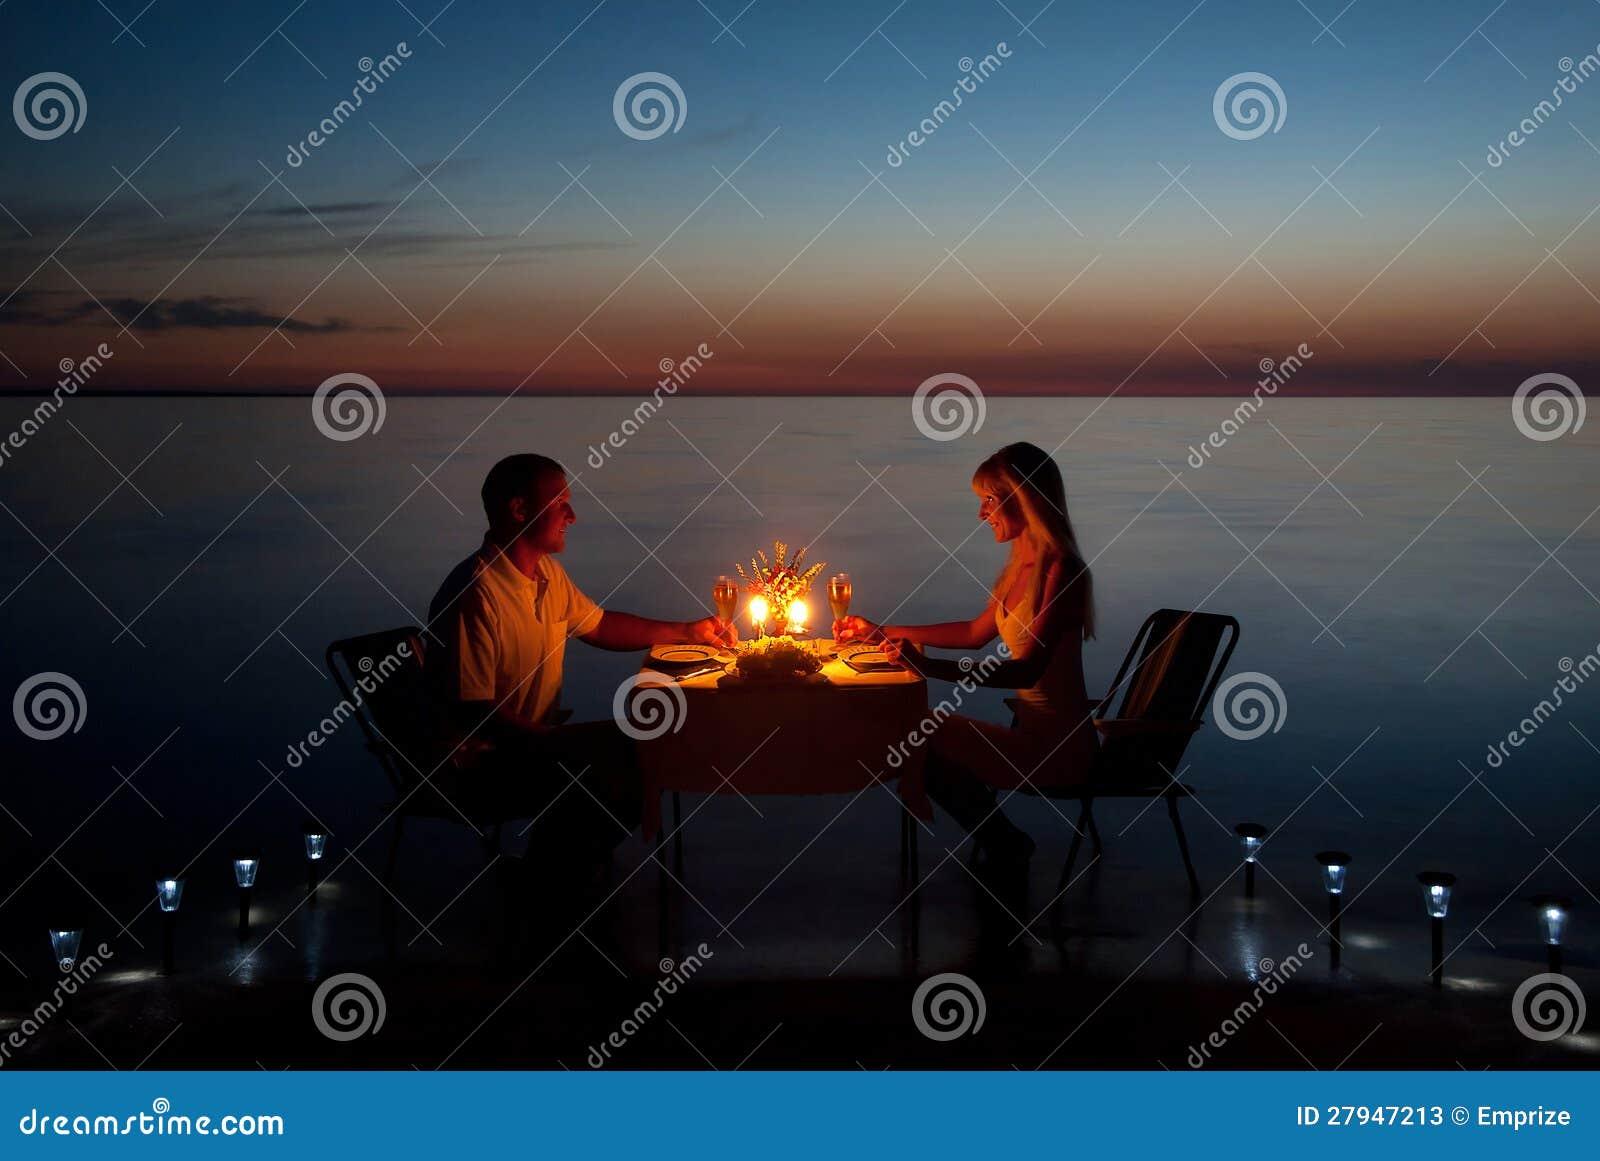 Russian Amateur Couple Webcam